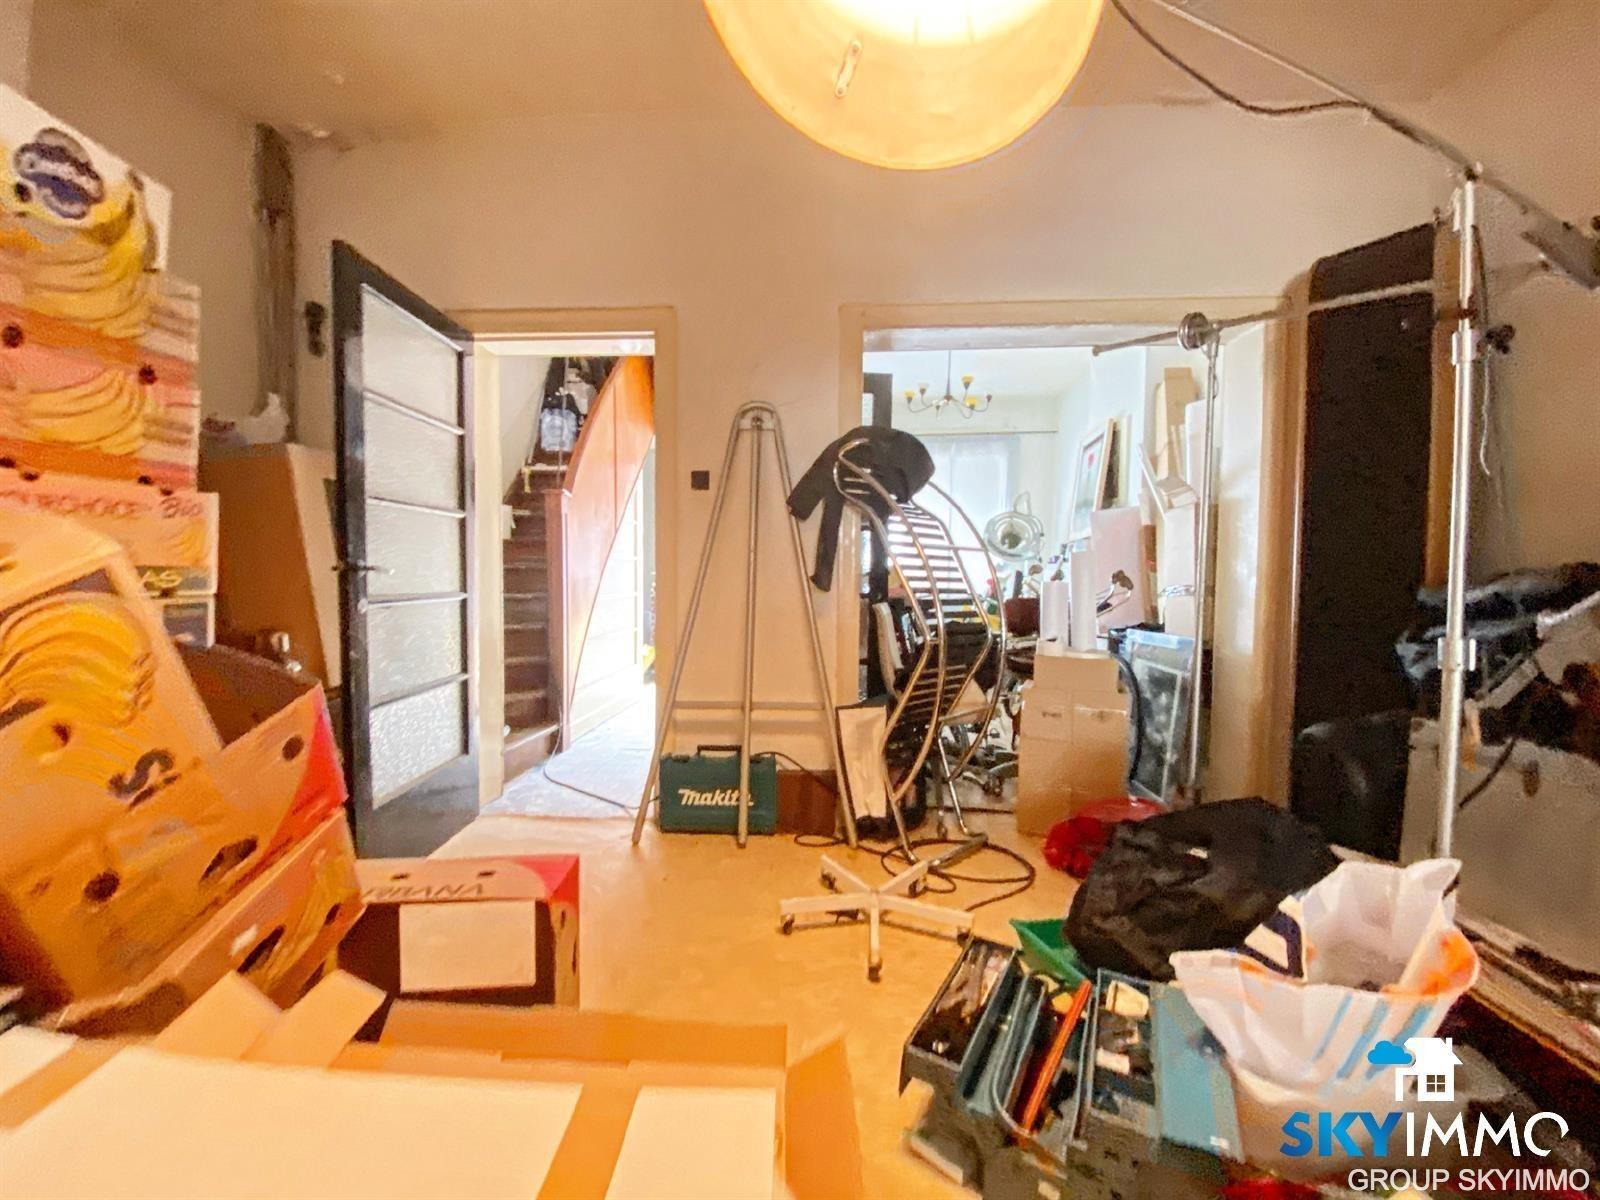 Maison - Liege - #4330278-4